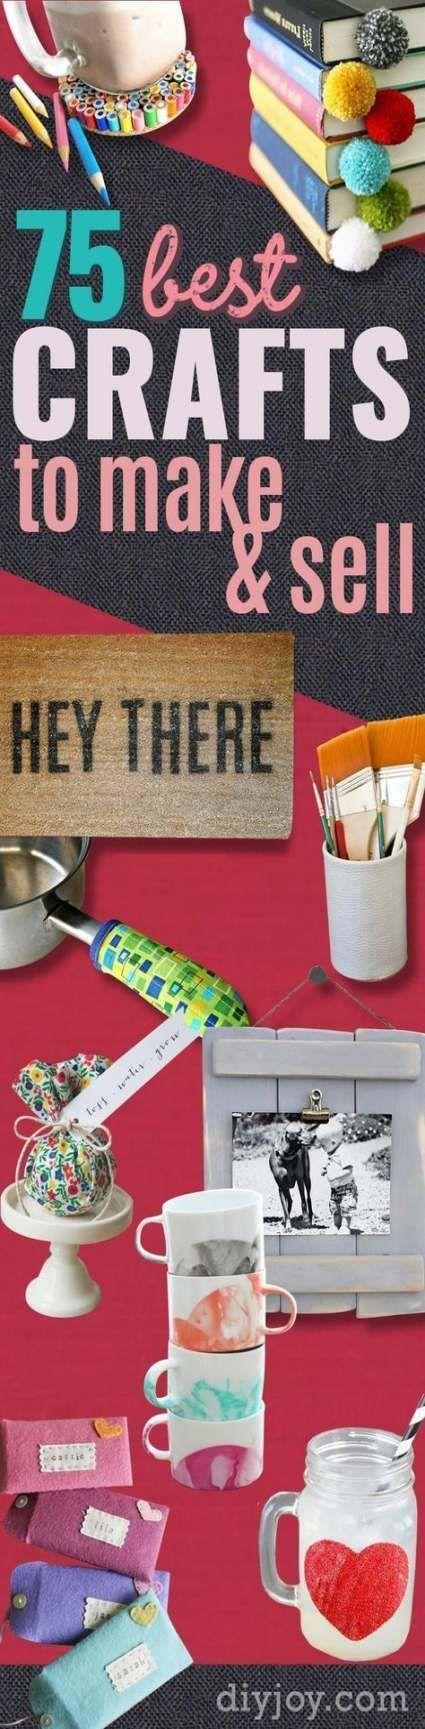 Diy Handwerk für Kinder, um billige Dinge zu verkaufen 38 Super-Ideen